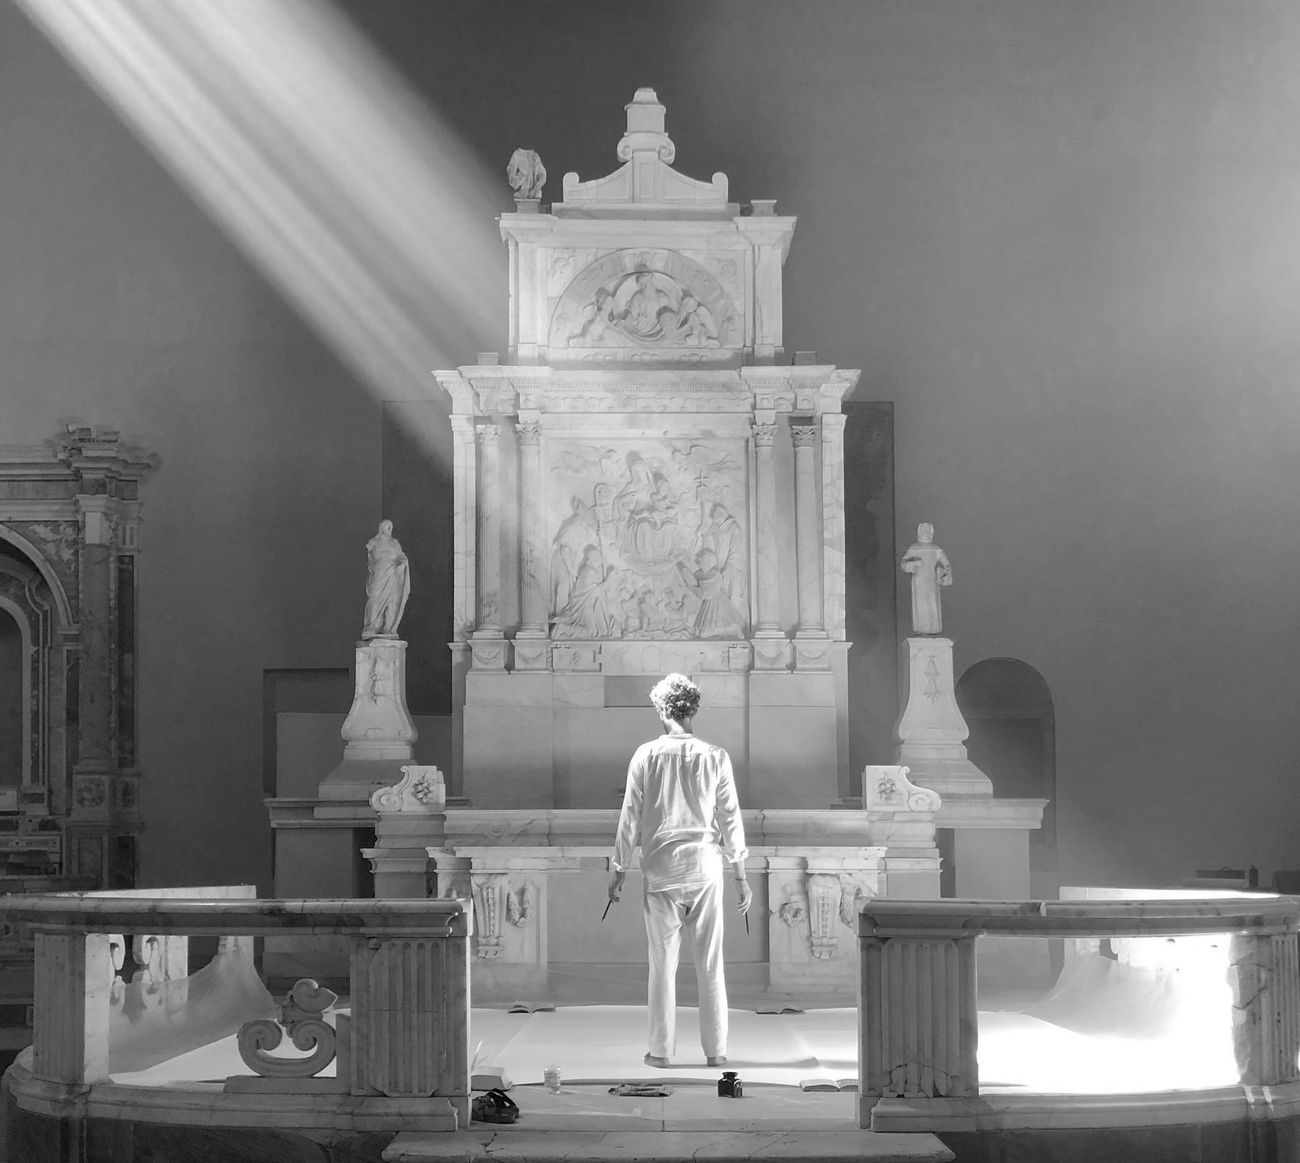 H. Schwab, Chiesa di Sant'Aniello a Caponapoli. Gianluigi Maria Masucci durante la realizzazione di Omaggio alle divinità solari e lunari. Courtesy l'artista